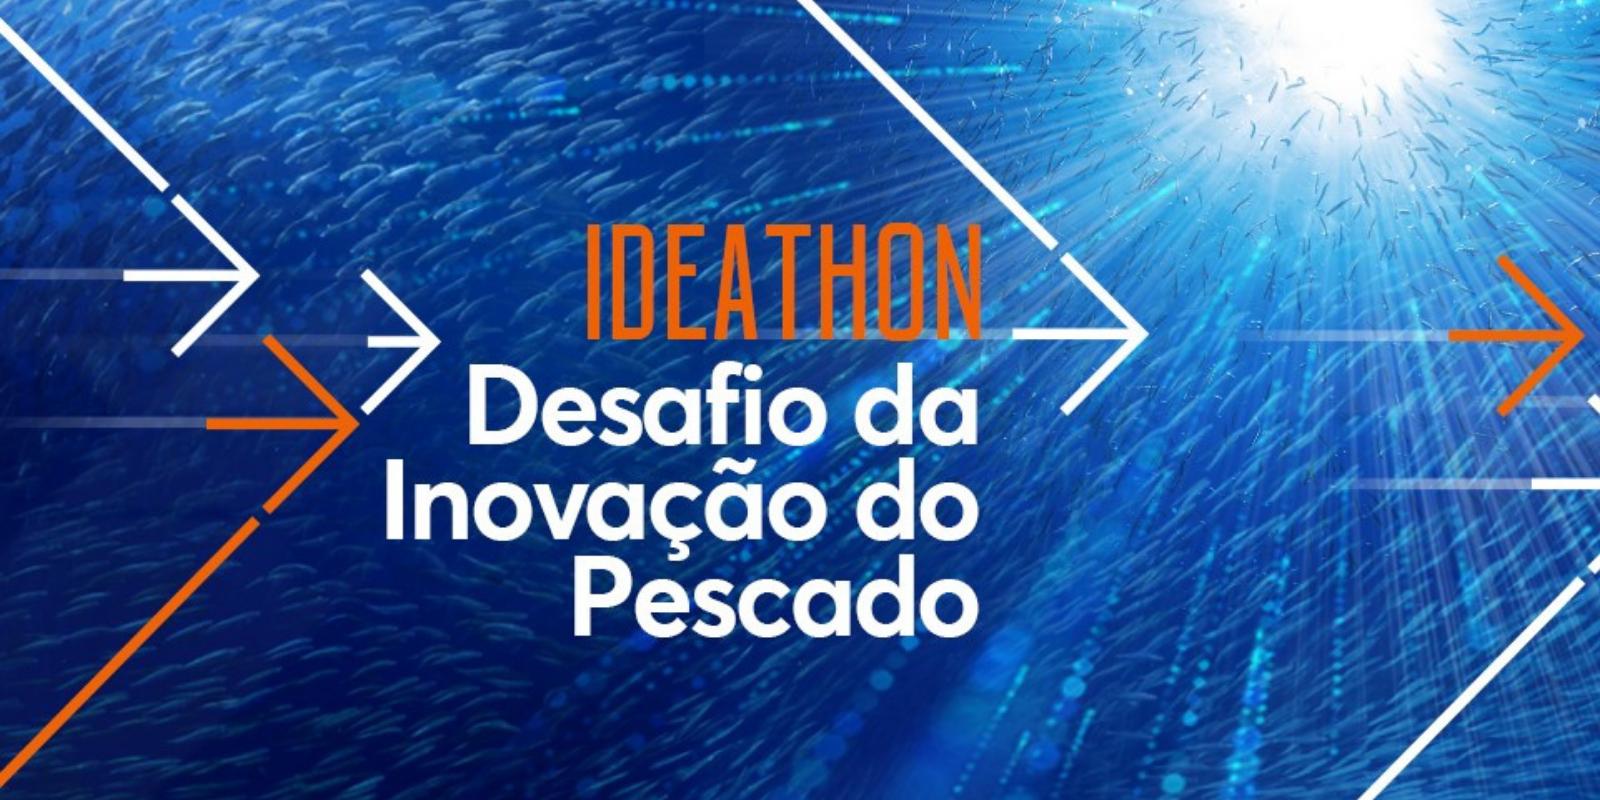 Imagem: Fiesp lança desafio de inovação do pescado, com apoio da Conexão.f